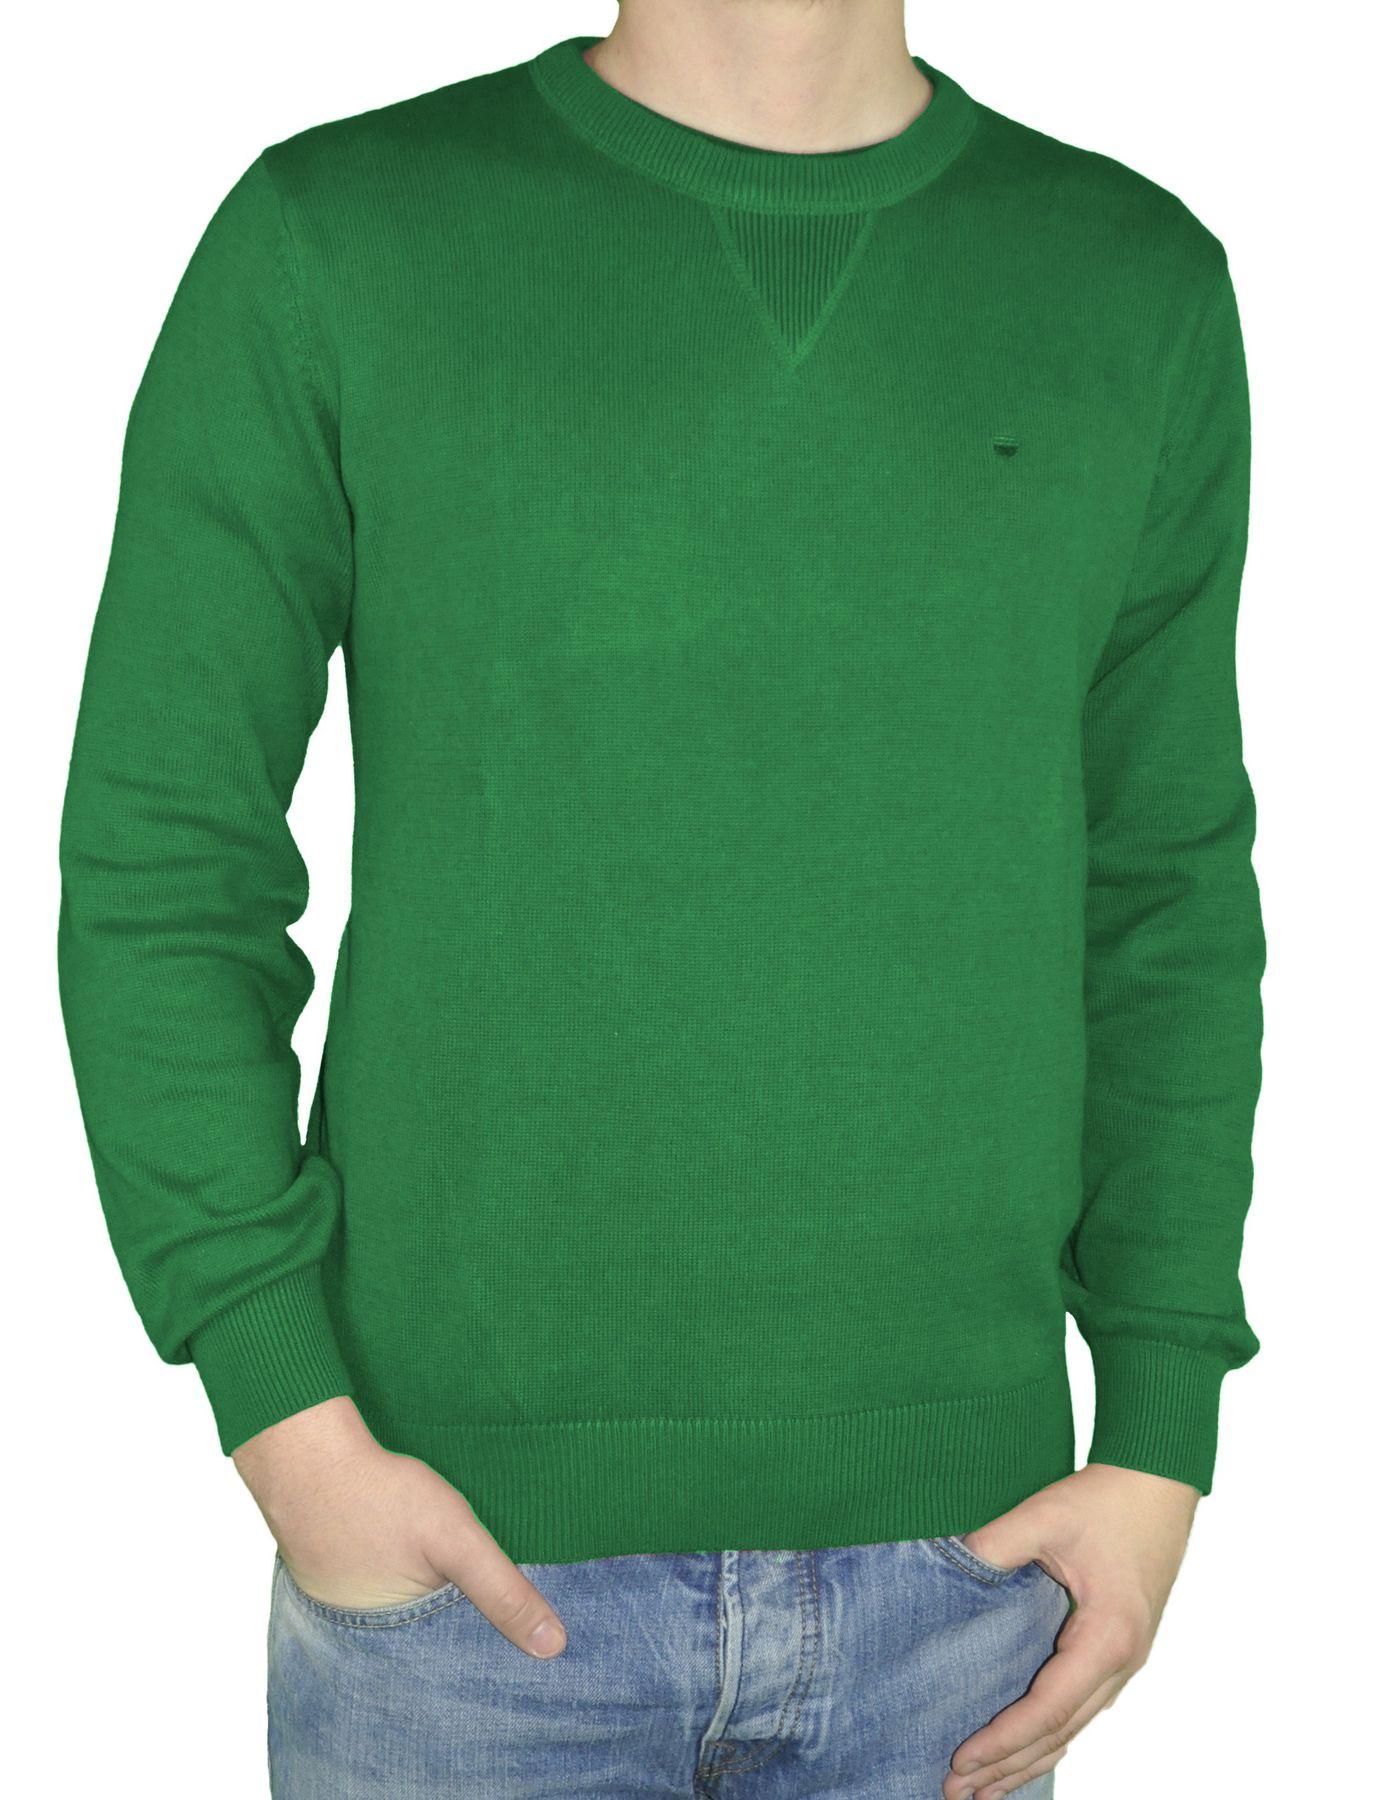 Redmond - Herren Rundhals Pullover in verschiedenen Farben (Art.Nr.: 611) – Bild 6